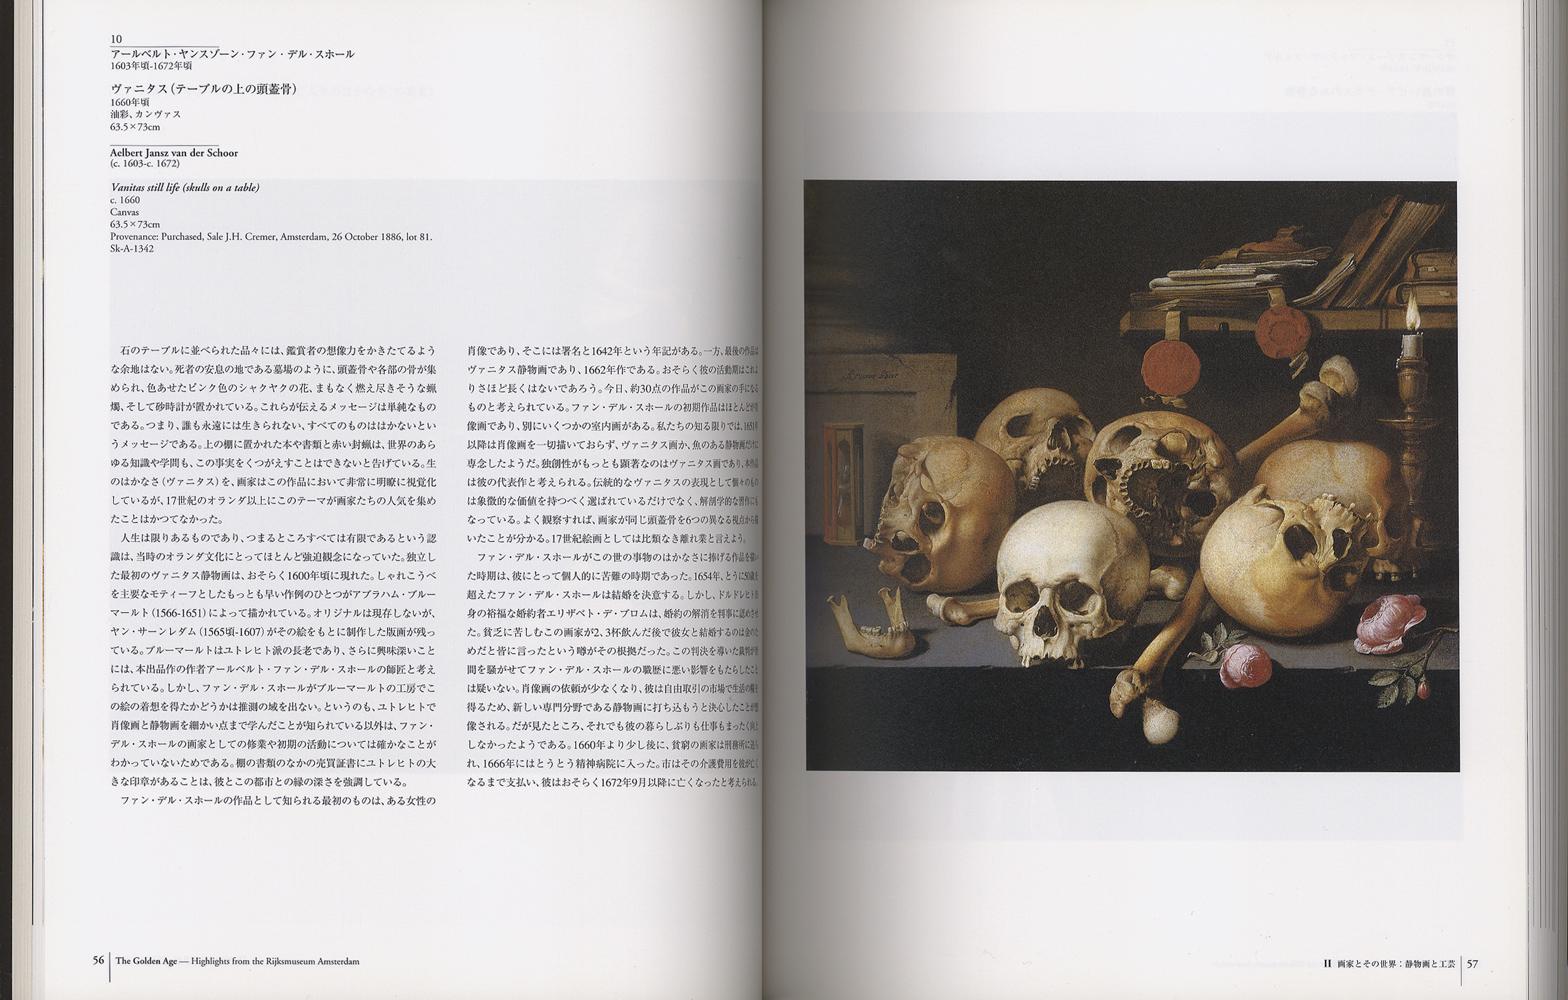 オランダ絵画の黄金時代 アムステルダム国立美術館展図録[image2]